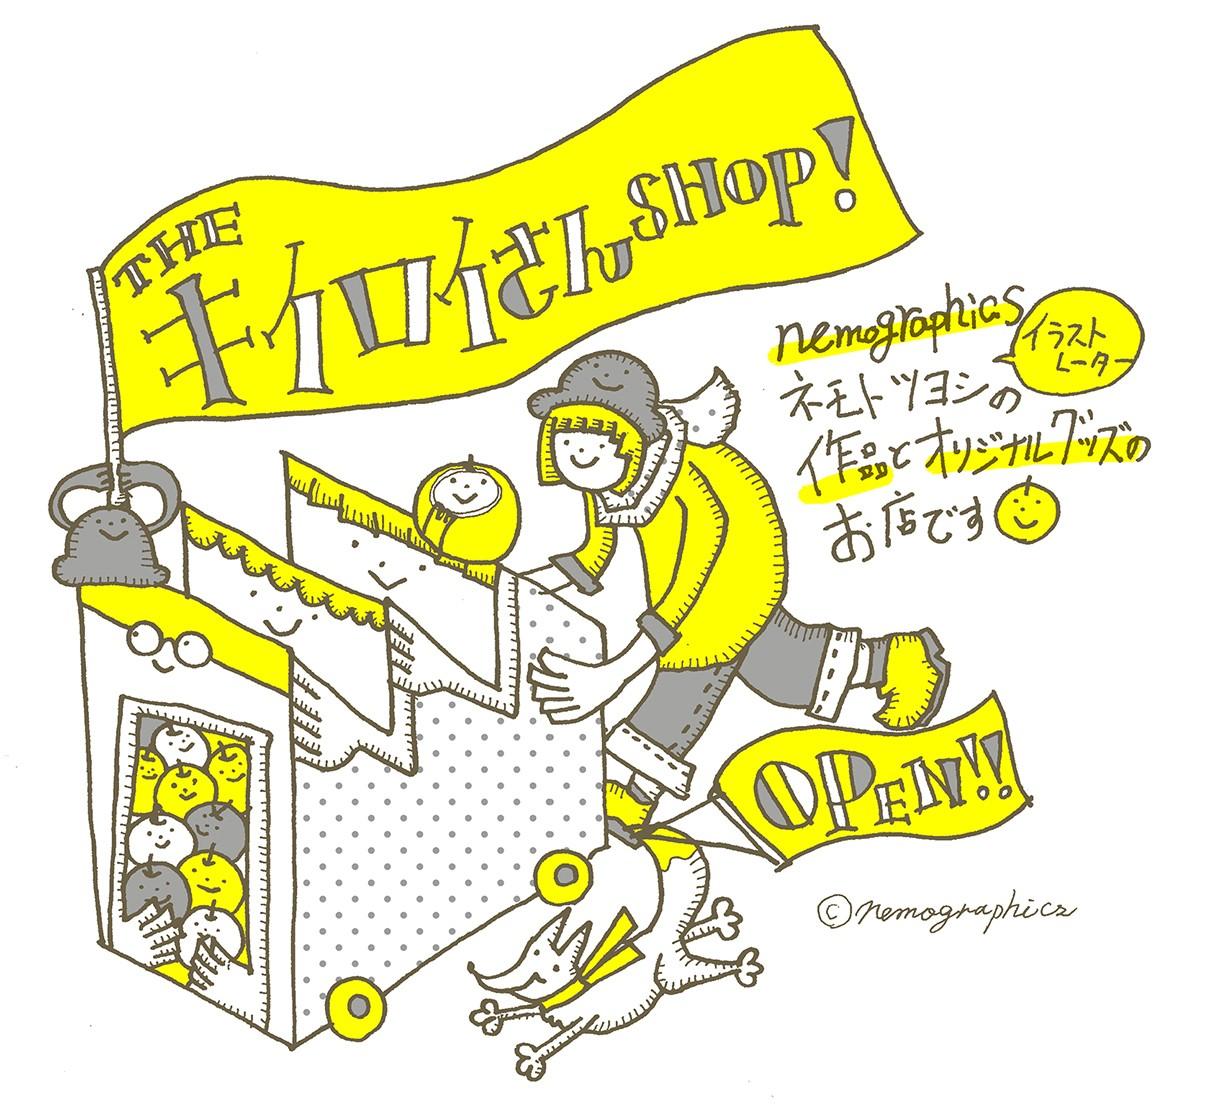 The キイロイさん shop